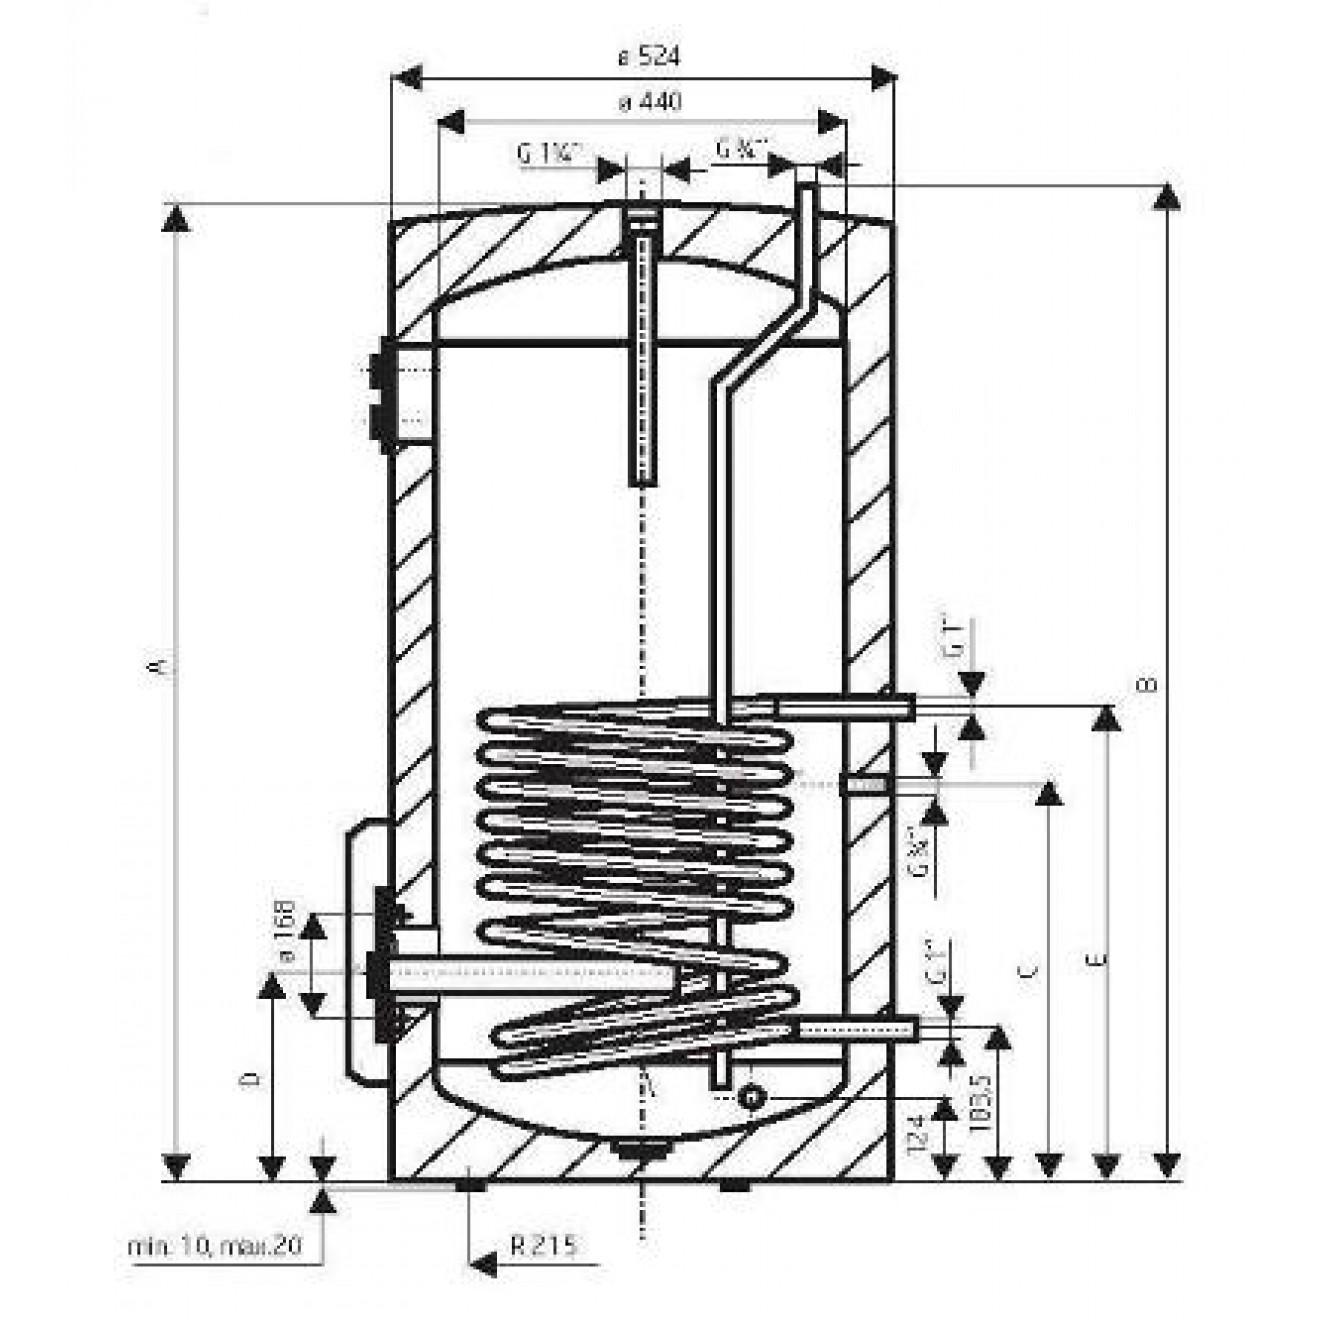 100 Liter Warmwasserspeicher mit 1WT und 2,2 kW Keramikheizstab ...